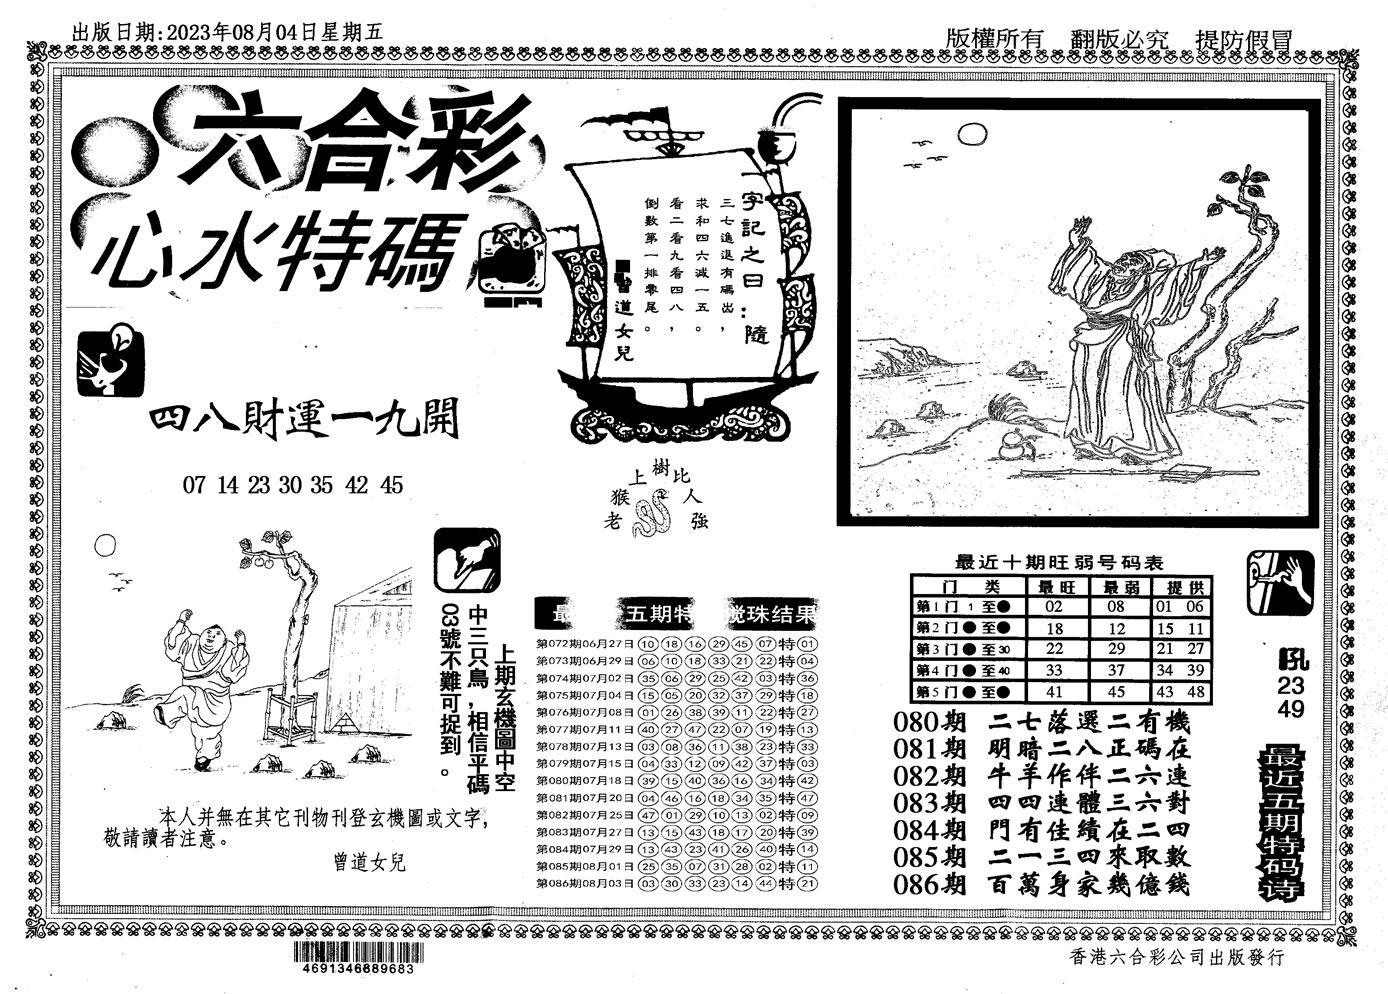 087期新特码心水(黑白)